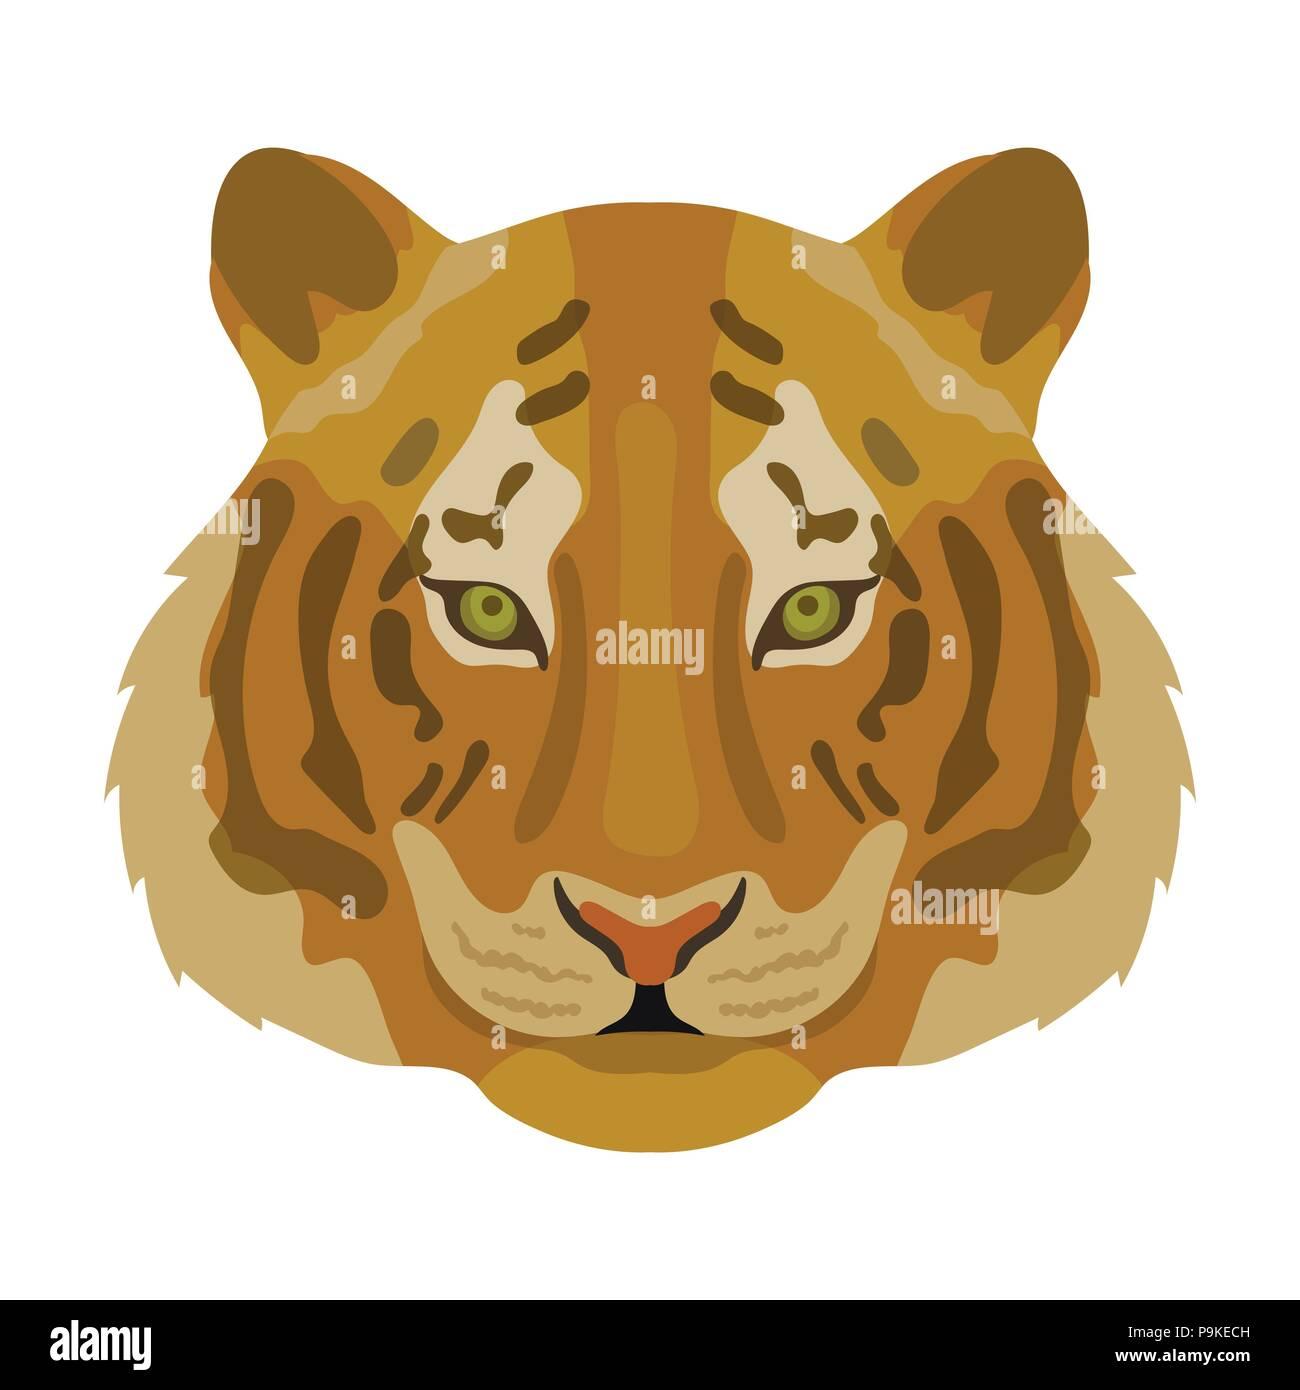 Icono De Tigre En Cartoon Diseño Aislado Sobre Fondo Blanco